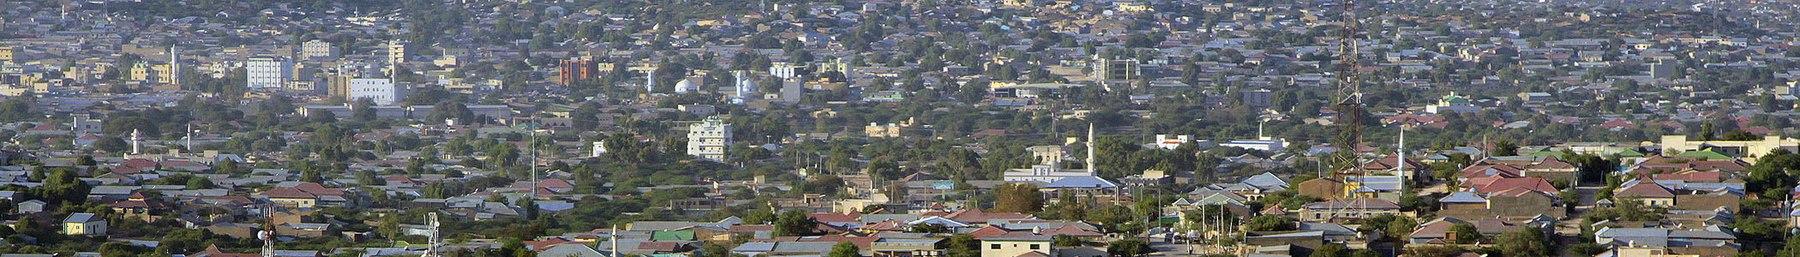 Hargeisa Banner.jpg